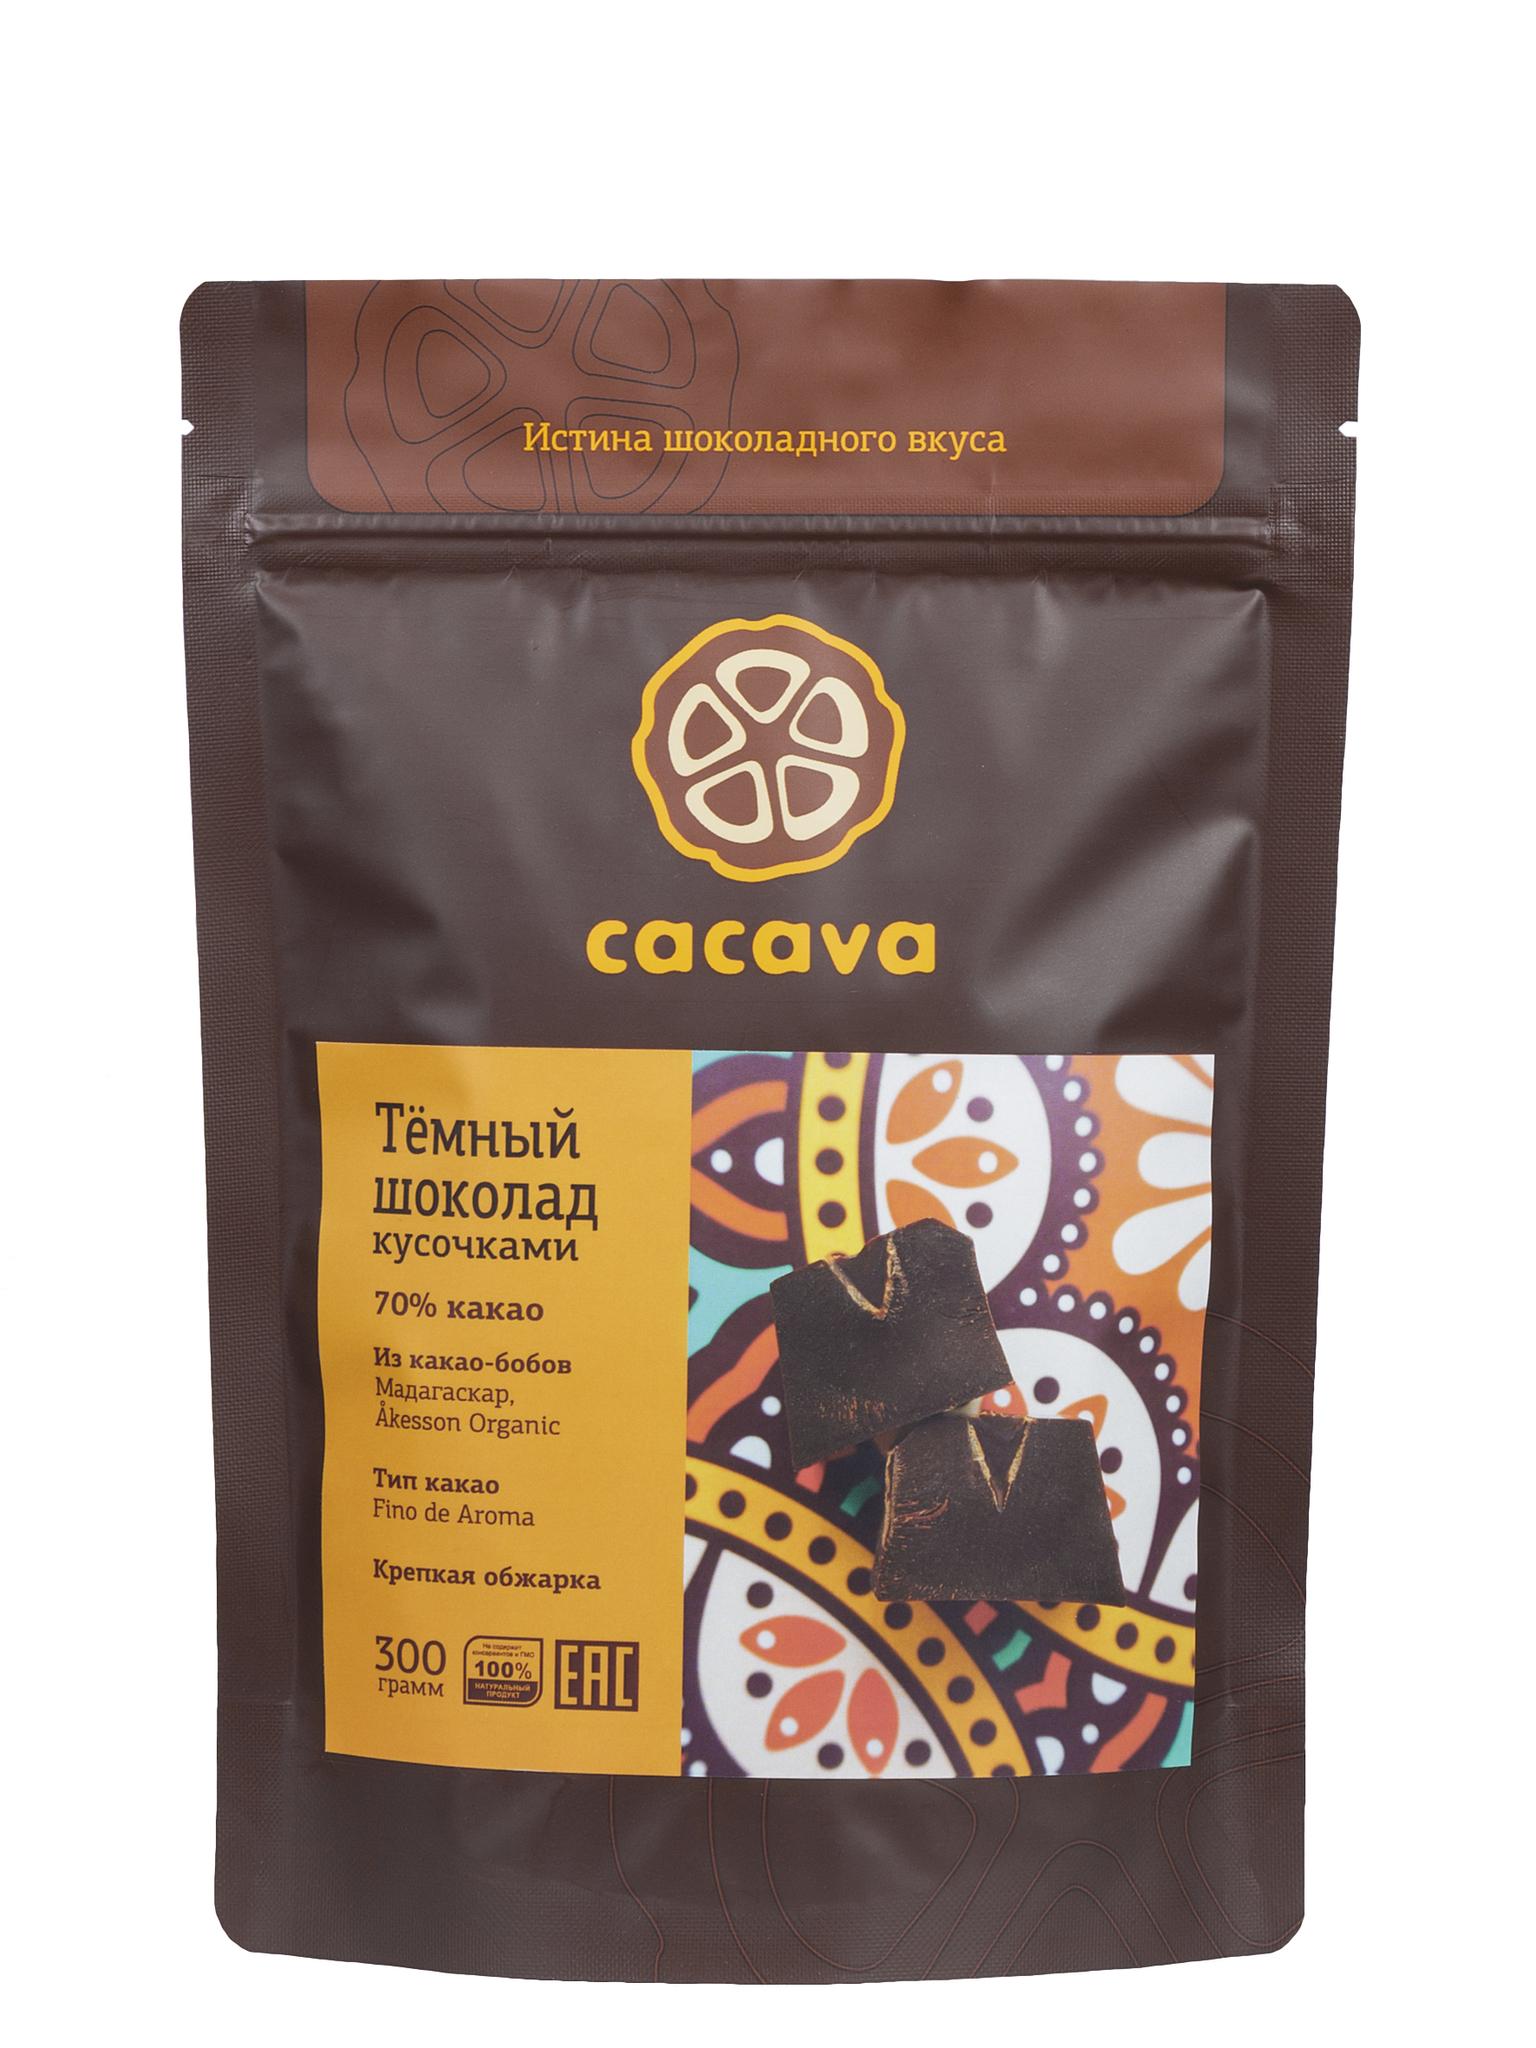 Тёмный шоколад 70 % какао (Мадагаскар, Åkesson), упаковка 300 грамм